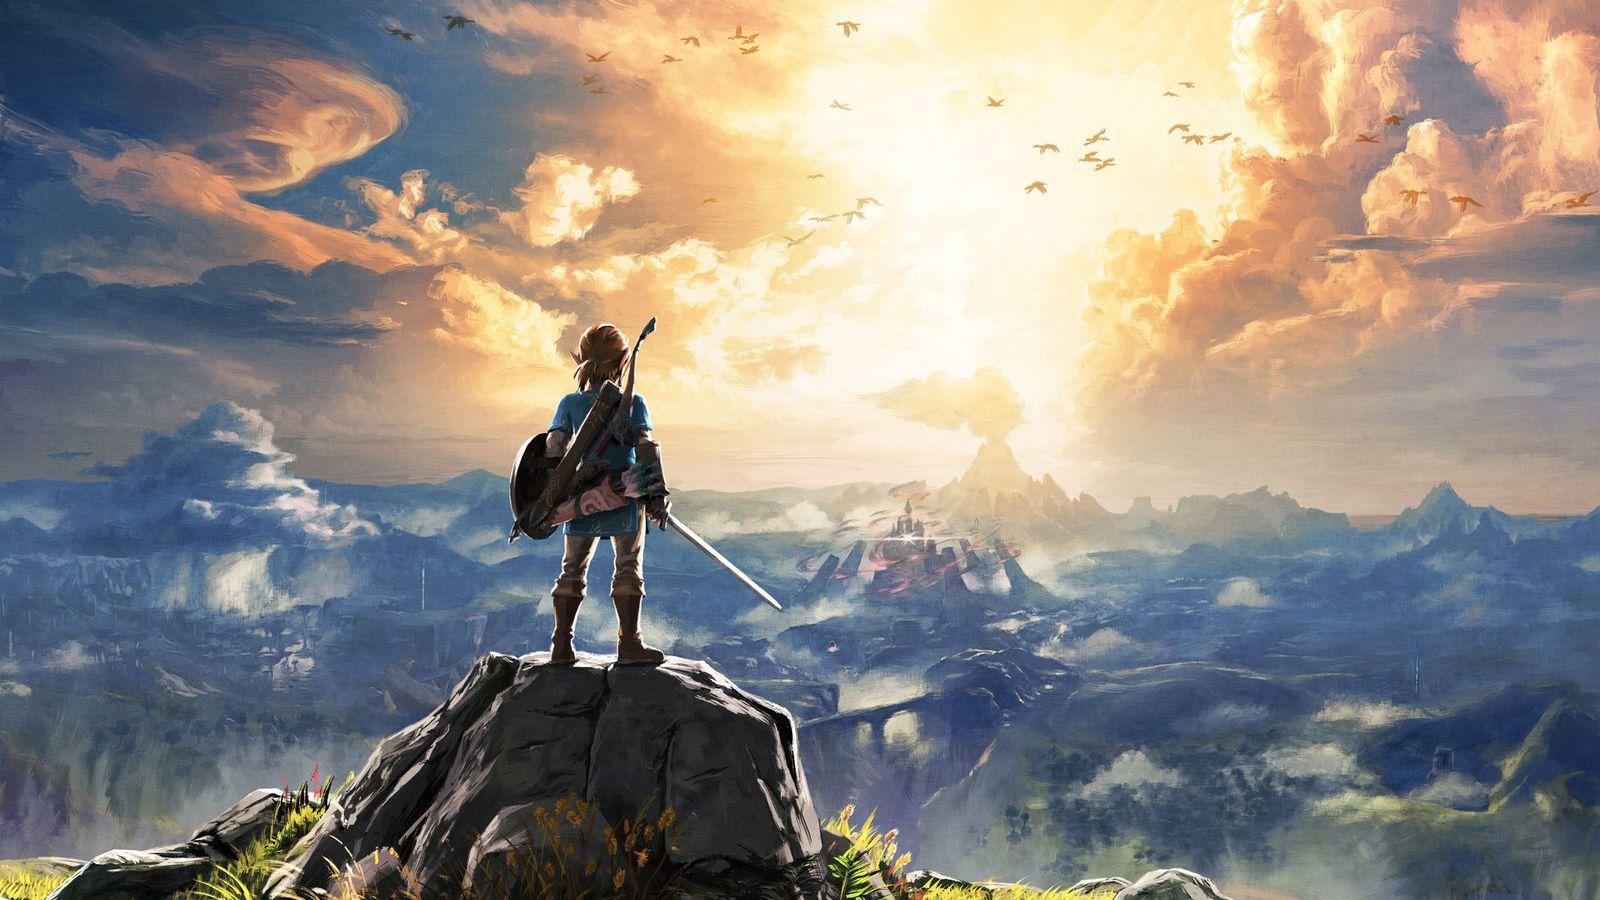 Nintendo skal lage et mobilspill basert på Zelda, og det kan komme allerede i løpet av året.